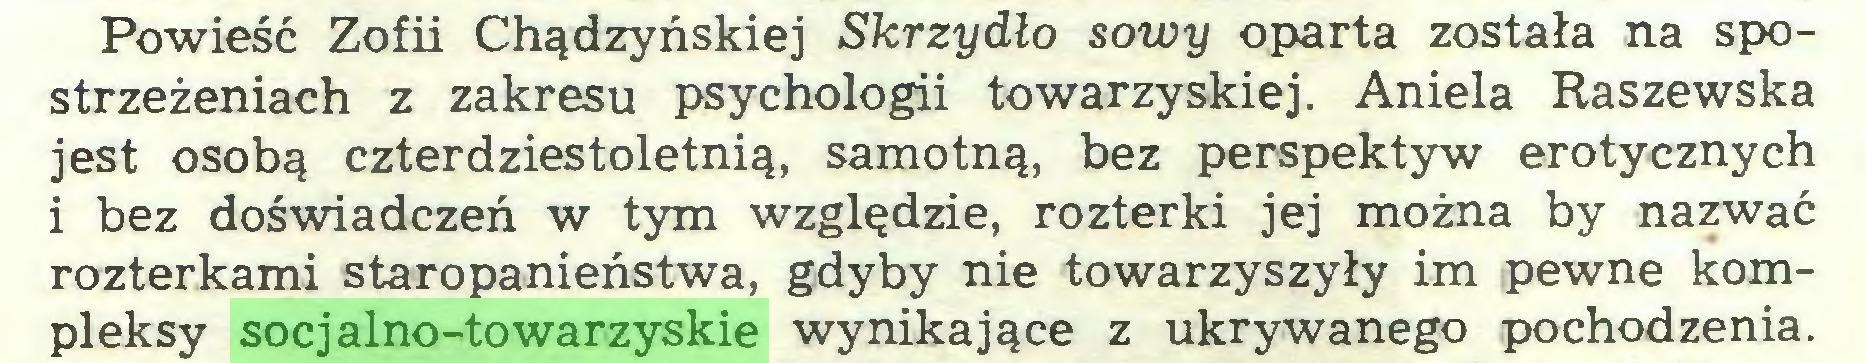 (...) Powieść Zofii Chądzyńskiej Skrzydło sowy oparta została na spostrzeżeniach z zakresu psychologii towarzyskiej. Aniela Raszewska jest osobą czterdziestoletnią, samotną, bez perspektyw erotycznych i bez doświadczeń w tym względzie, rozterki jej można by nazwać rozterkami staropanieństwa, gdyby nie towarzyszyły im pewne kompleksy socjalno-towarzyskie wynikające z ukrywanego pochodzenia...